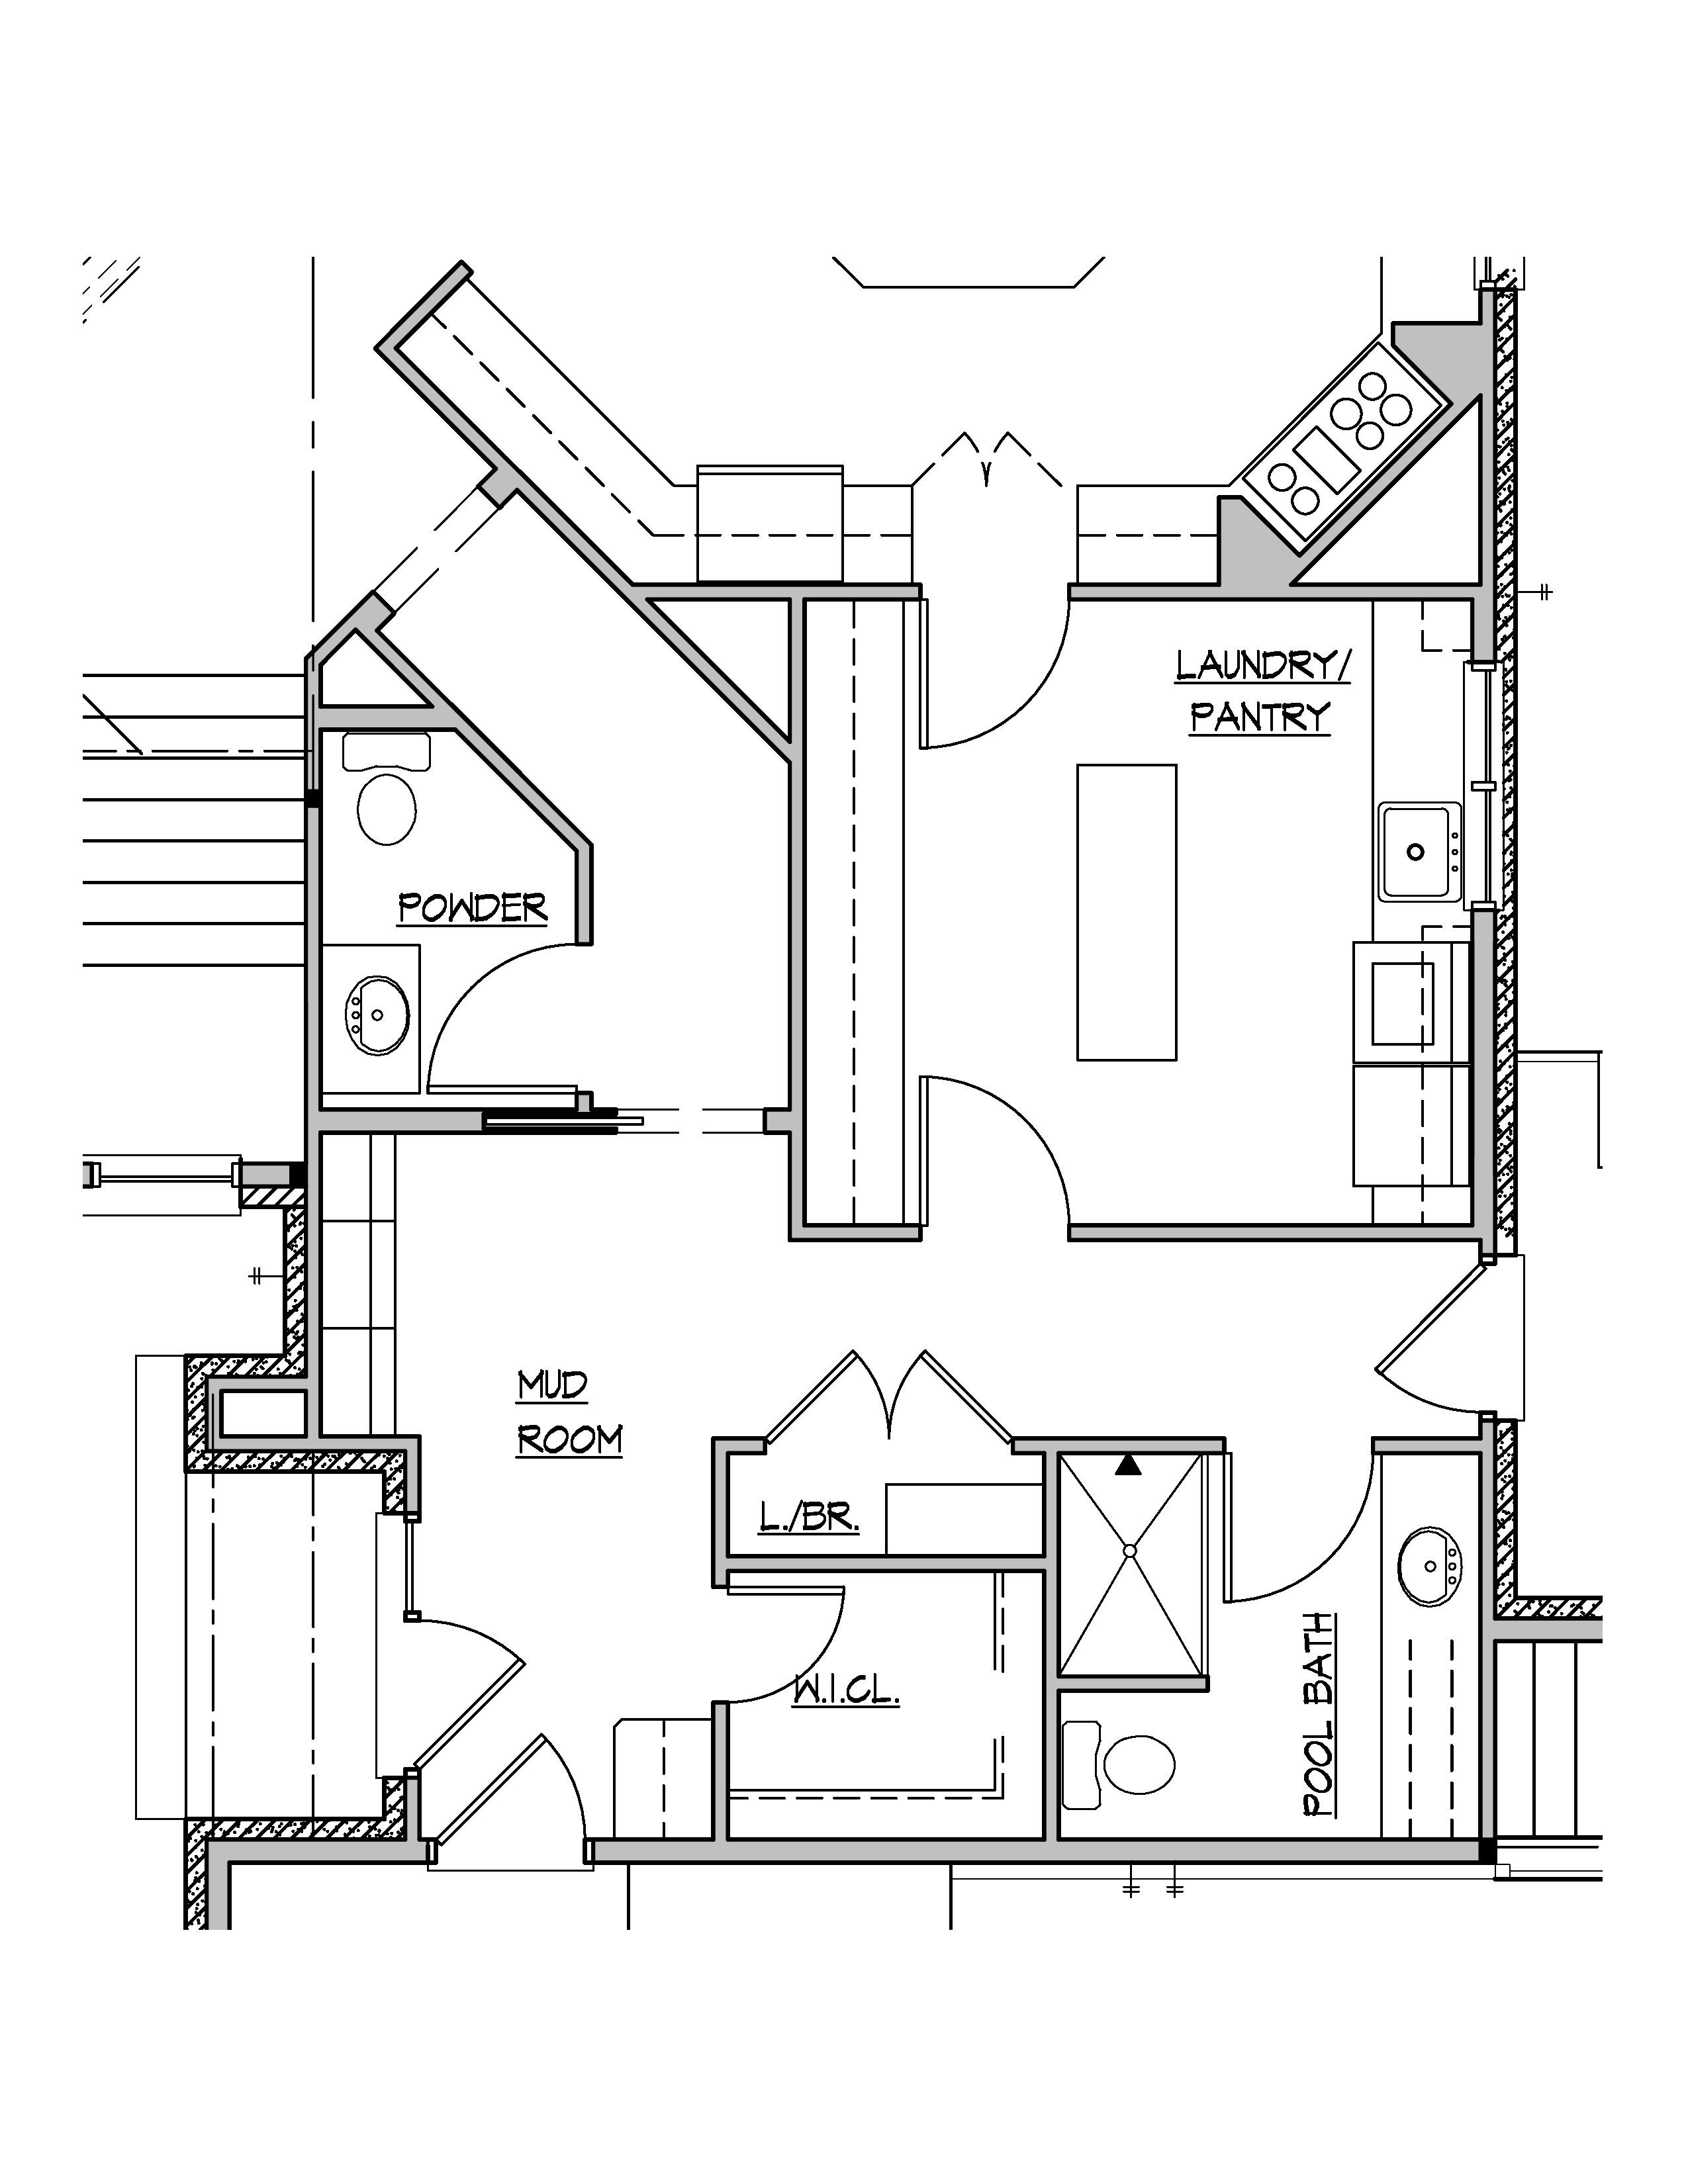 simple floor plan drawings